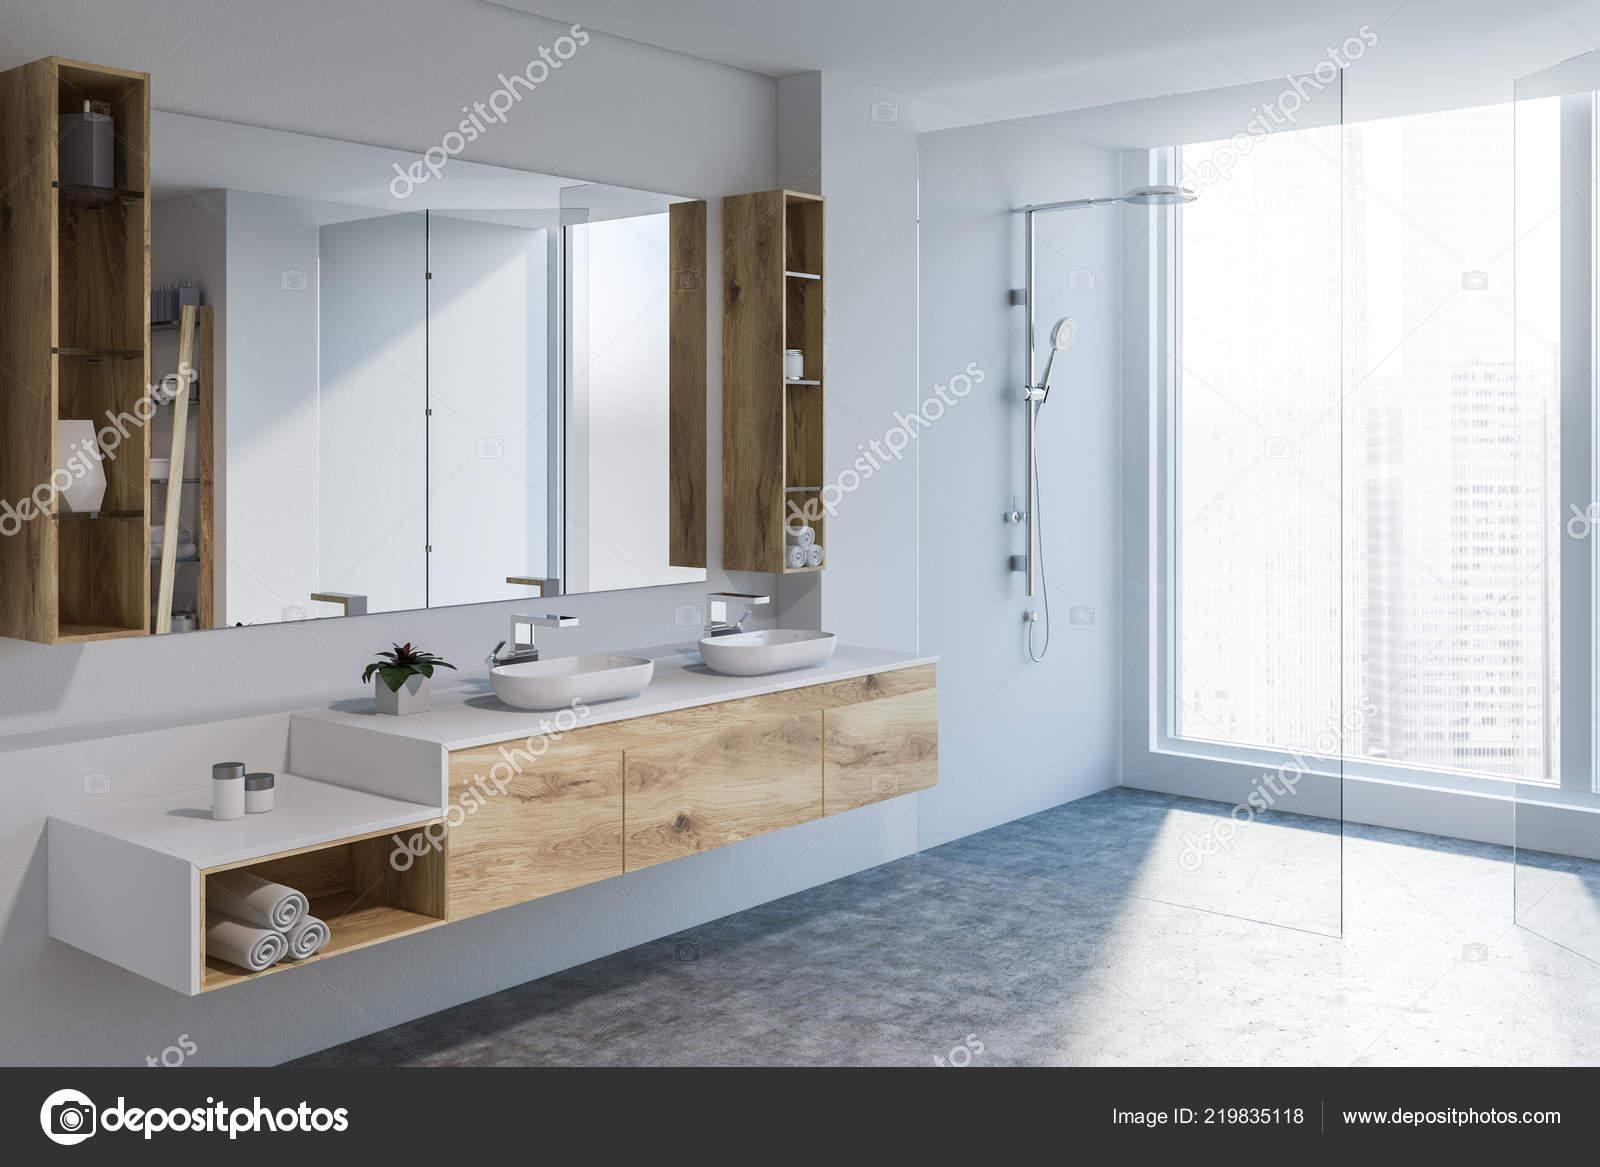 Esquina Cuarto Baño Moderno Con Paredes Blancas Piso ...